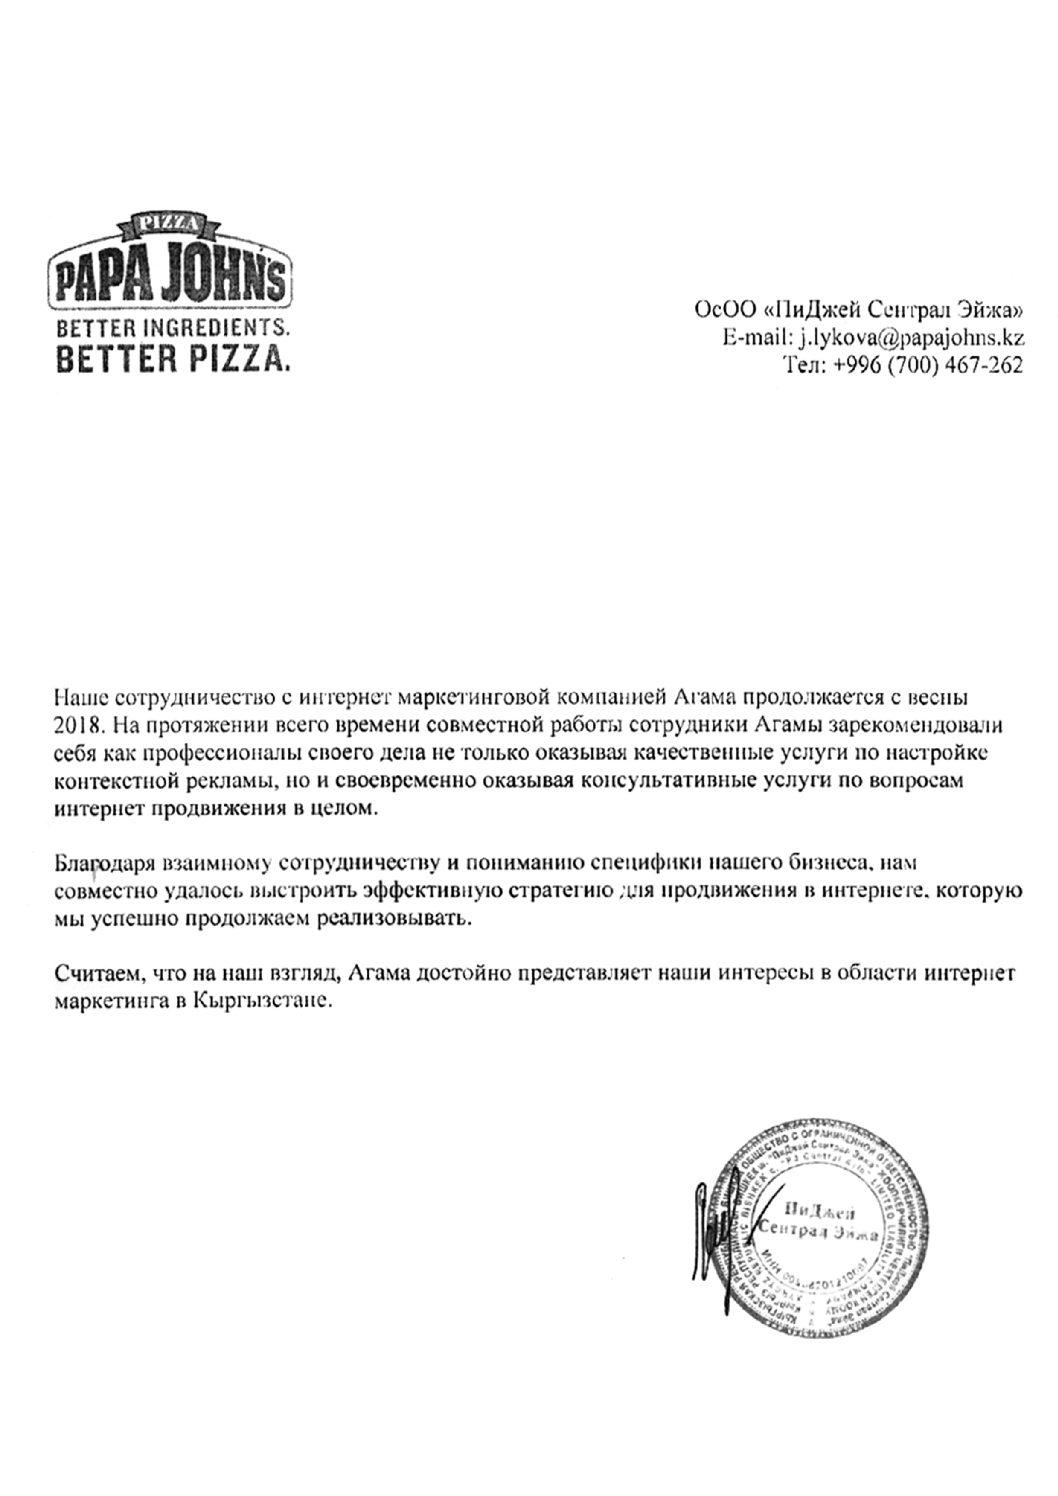 Papajohns.kz